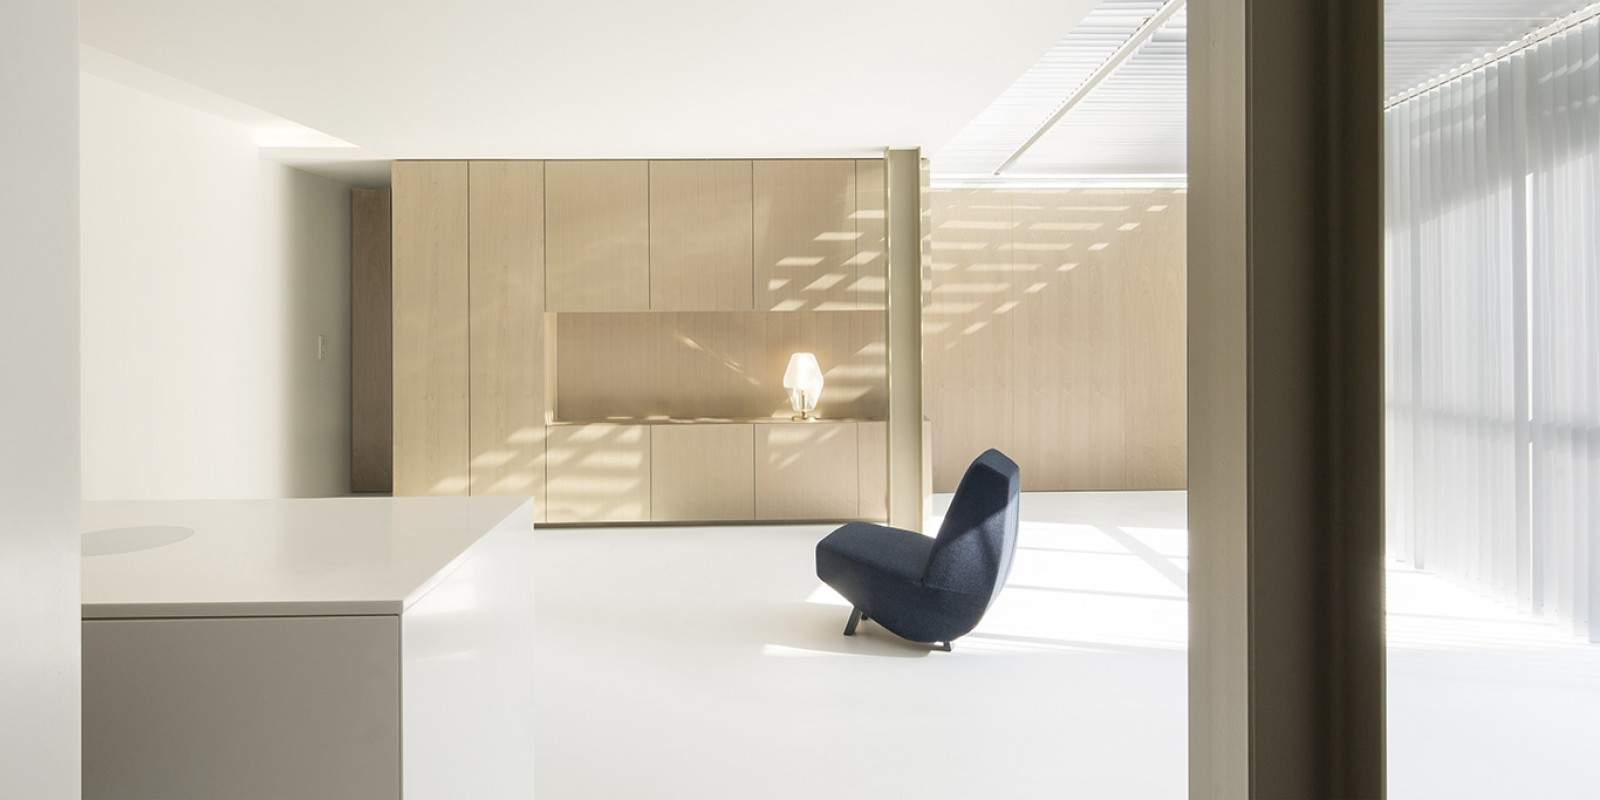 Appartement a par regis botta deco design for Appartement design 2015